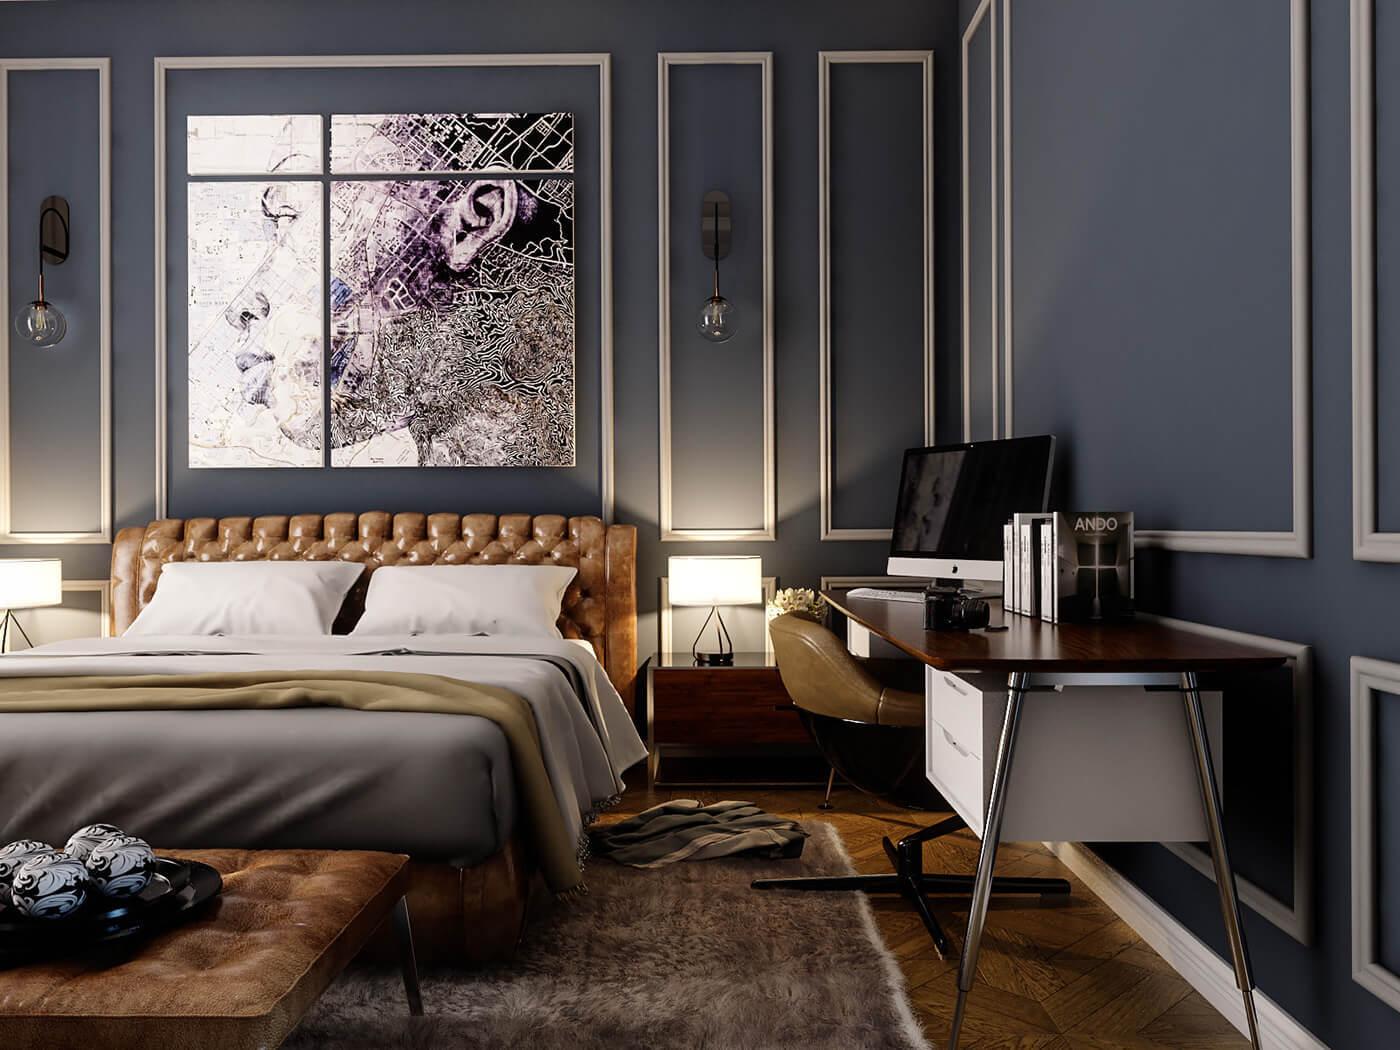 キャメルレザーのベッドフレームにクラシカルな内装のギャップが素敵です。